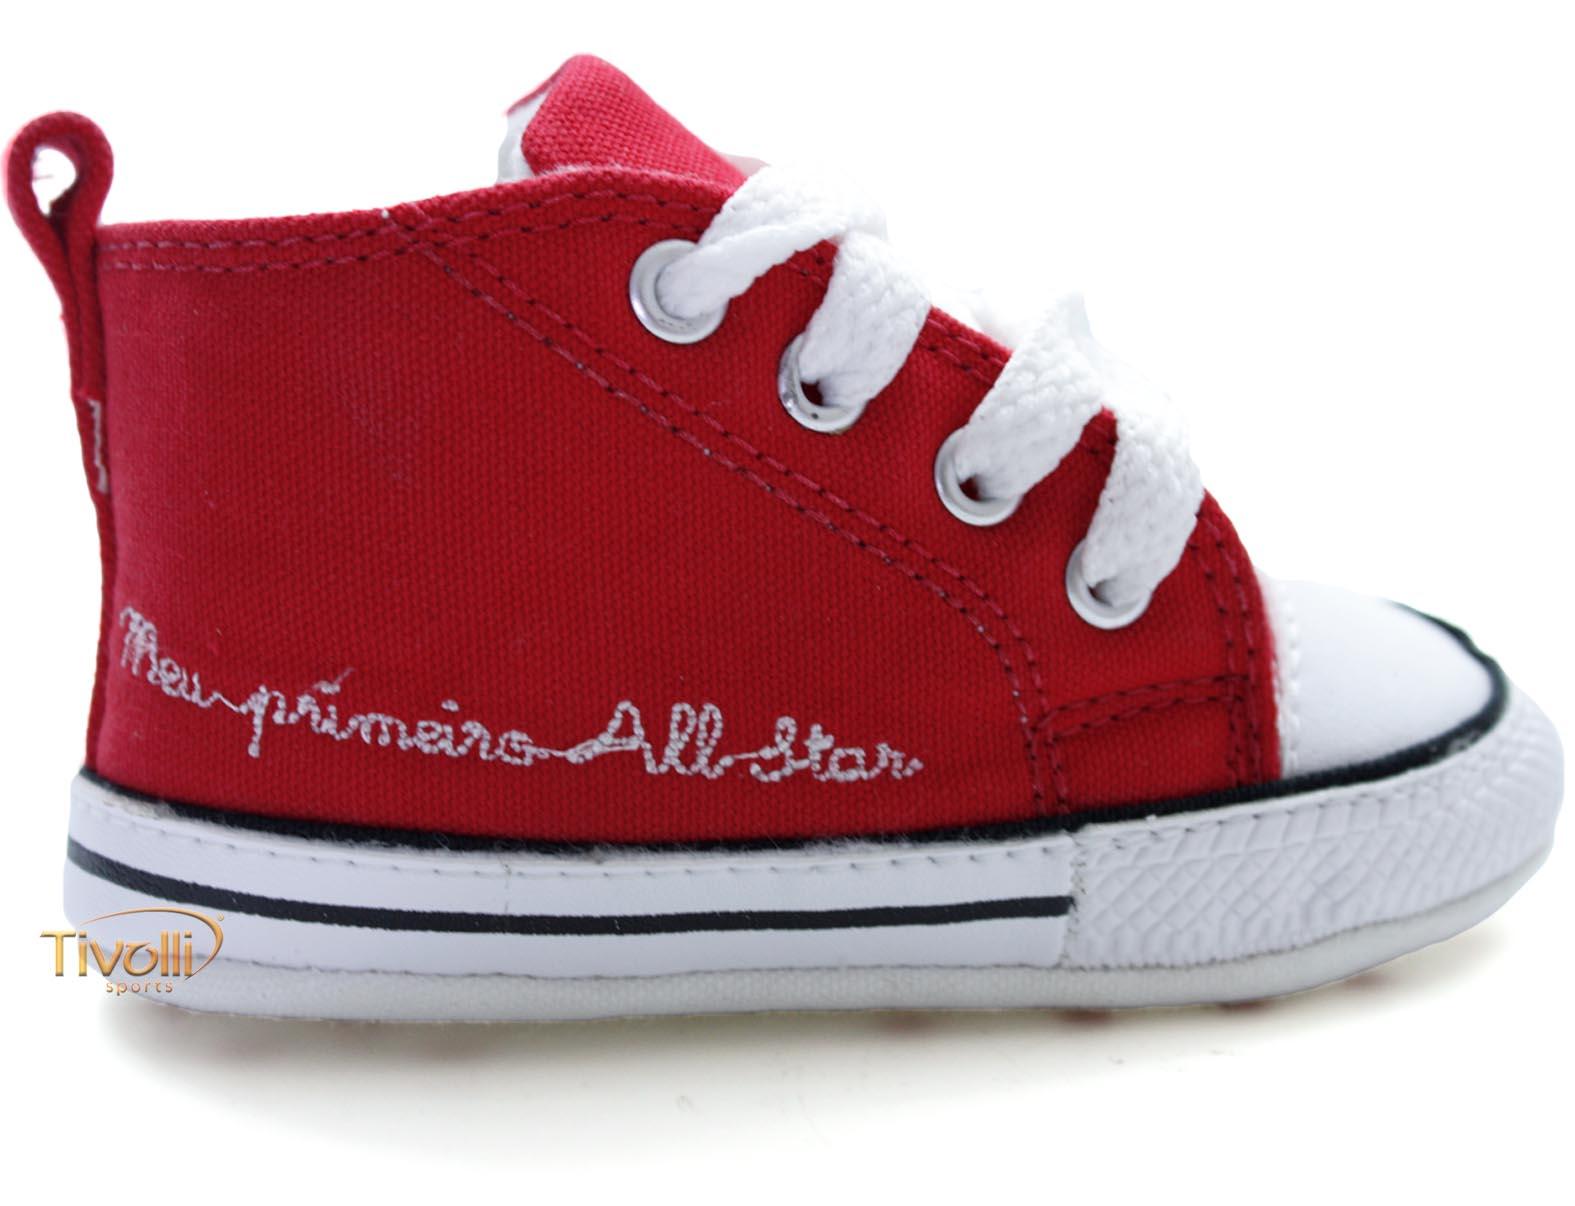 7f6cd5dd843 Tênis All Star Converse My First All Star Baby - Meu Primeiro All Star -  Vermelho